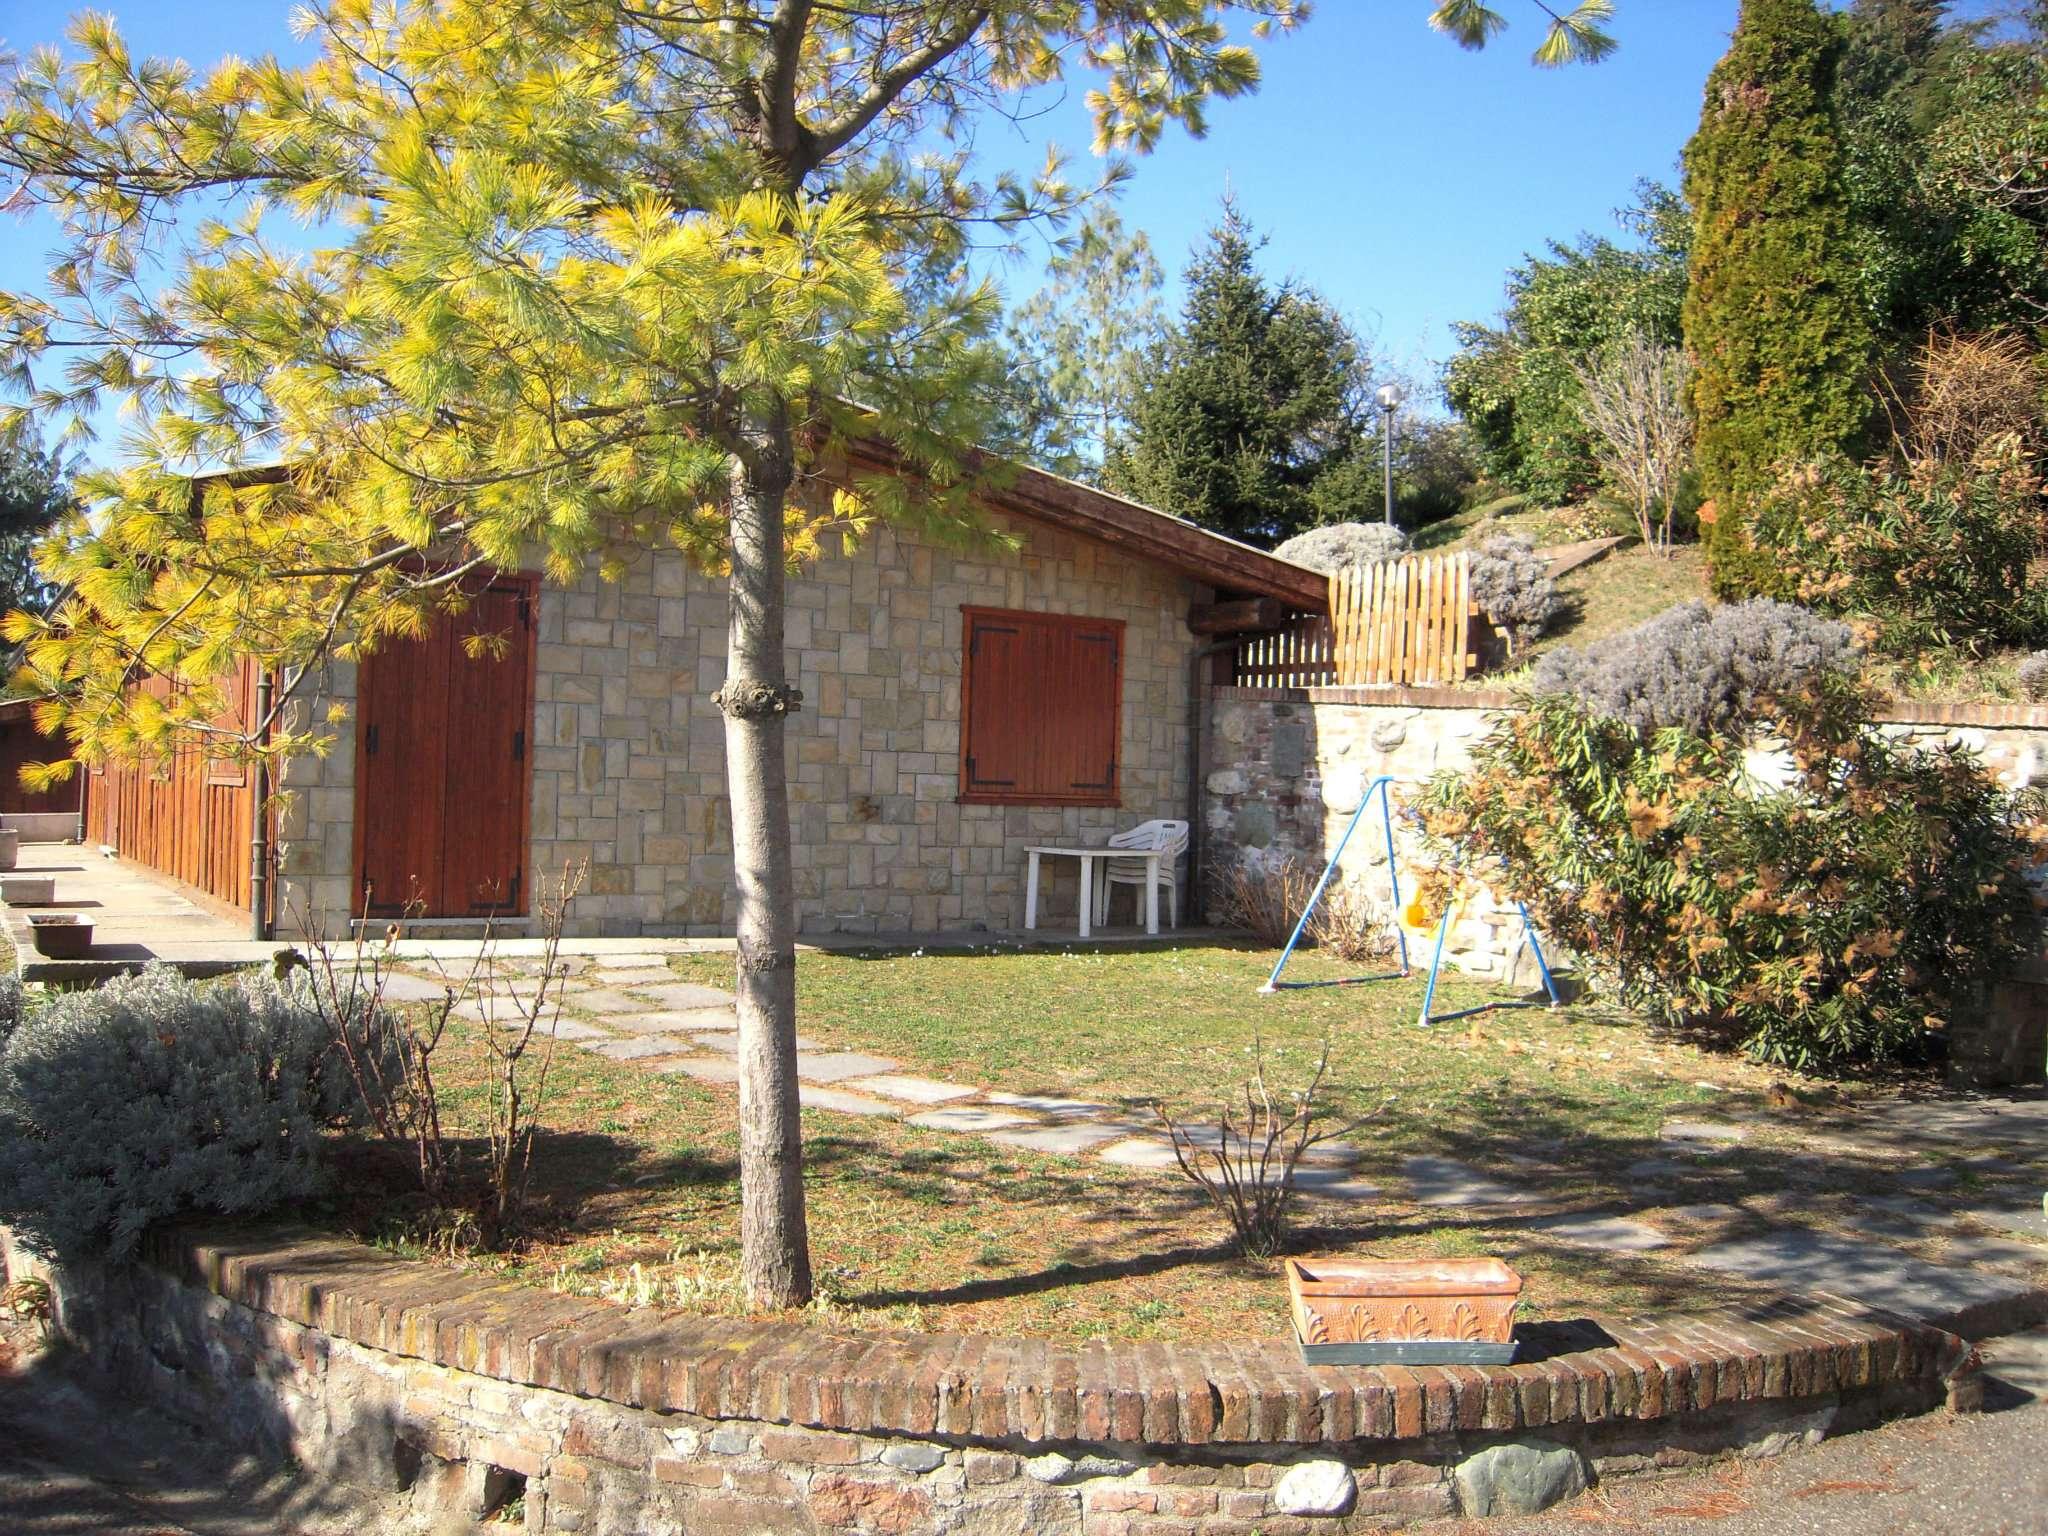 Villa in affitto a Torino, 6 locali, zona Zona: 5 . Collina, Precollina, Crimea, Borgo Po, Granmadre, Madonna del Pilone, prezzo € 1.000 | Cambio Casa.it